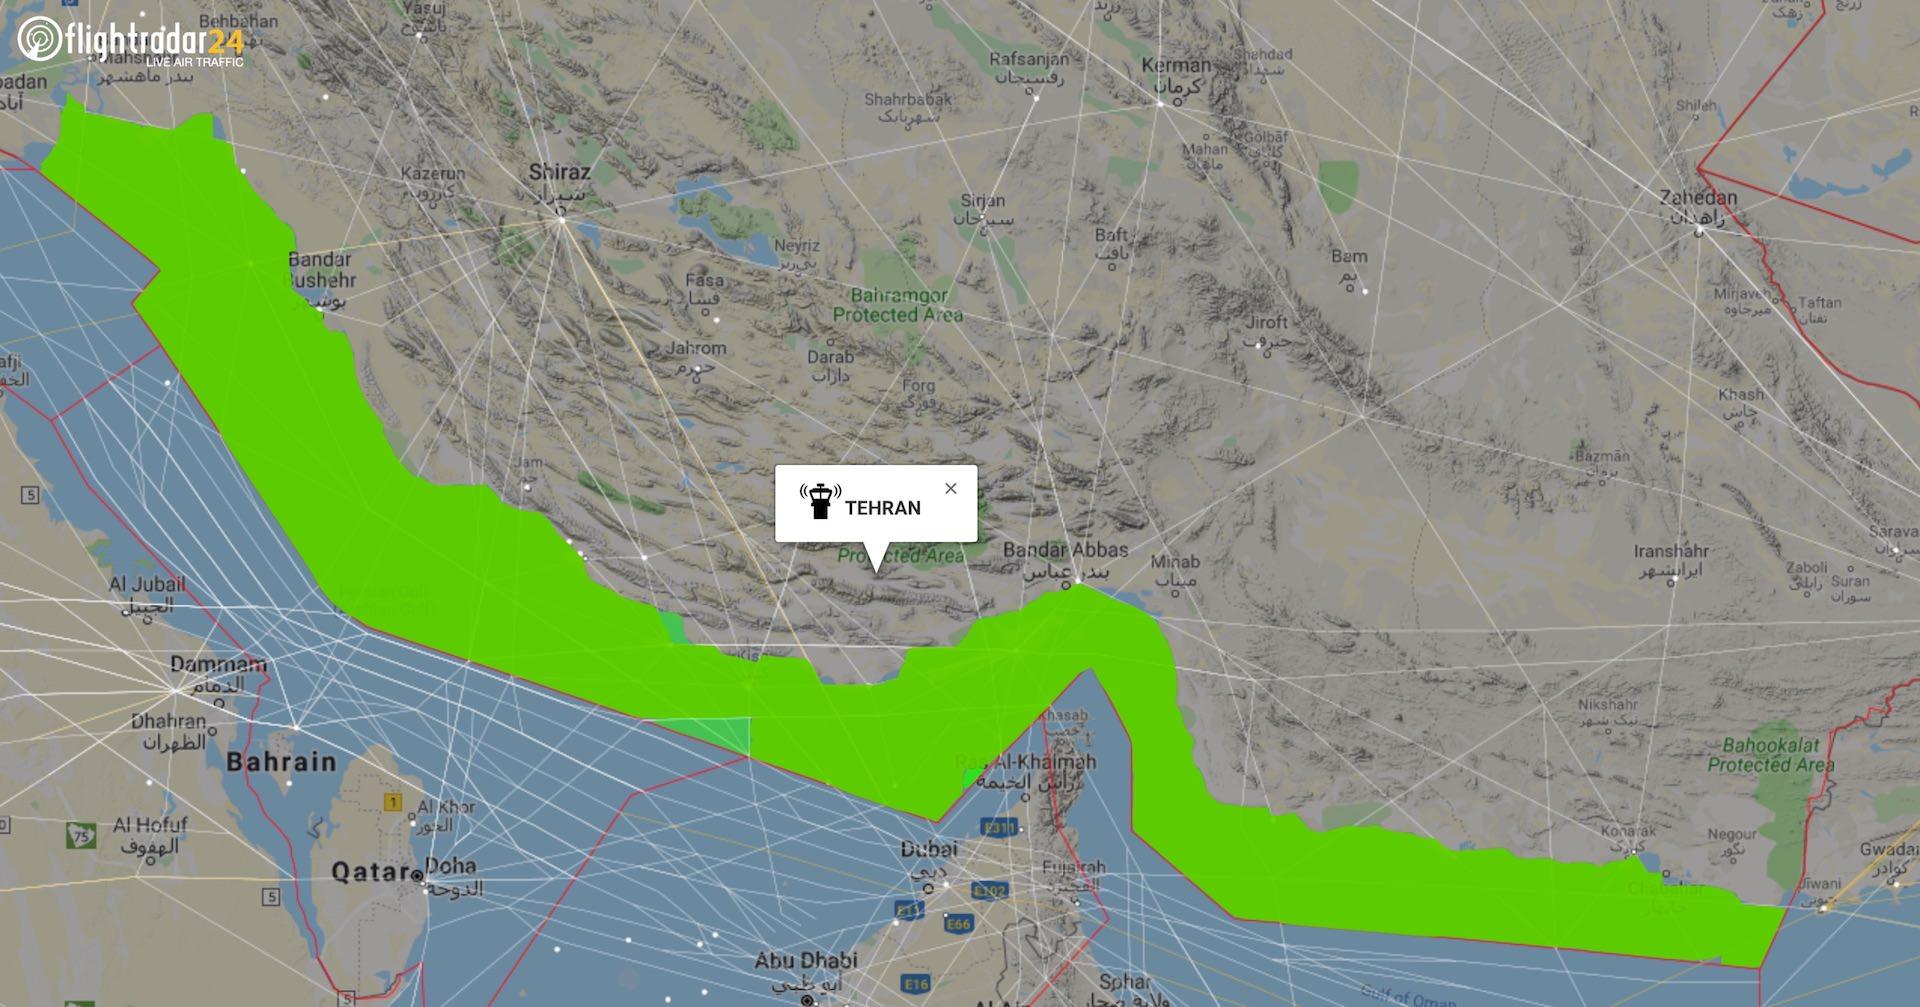 De amerikanske myndigheder har udstedt forbud til amerikanske flyselskaber om at flyve i en del af Teheran FIR (Flight Information Region). (Kort: Flightradar24.com)